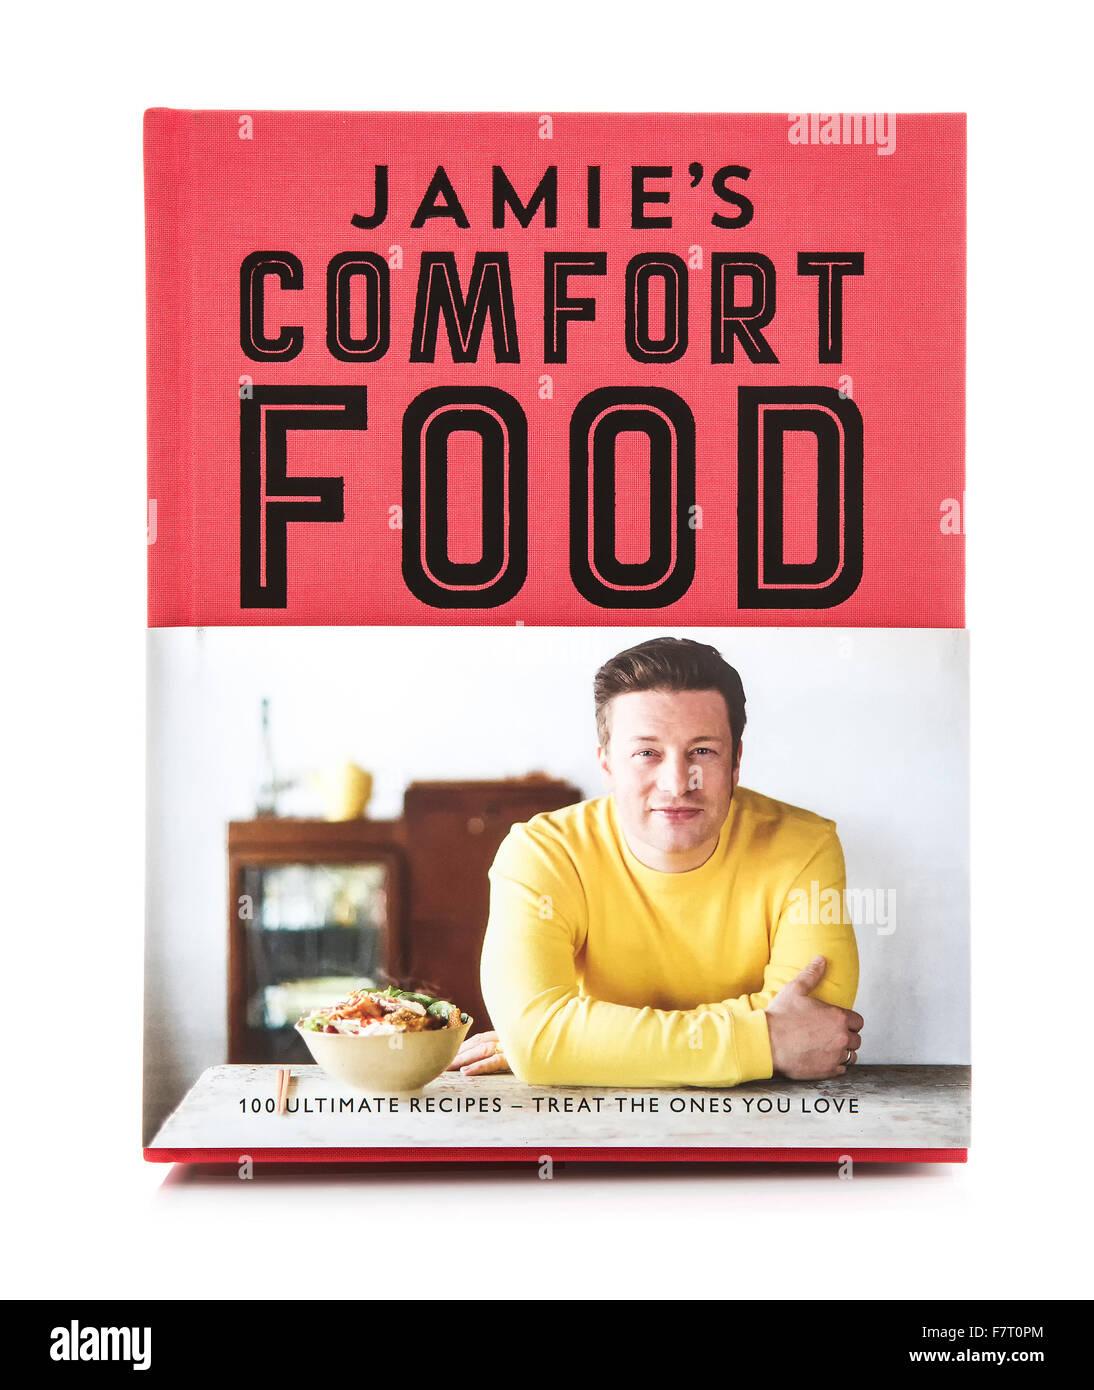 Jamie Oliver Komfort Essen, 100 ultimative Rezepte - die, die Sie auf einem weißen Hintergrund Liebe behandeln Stockbild